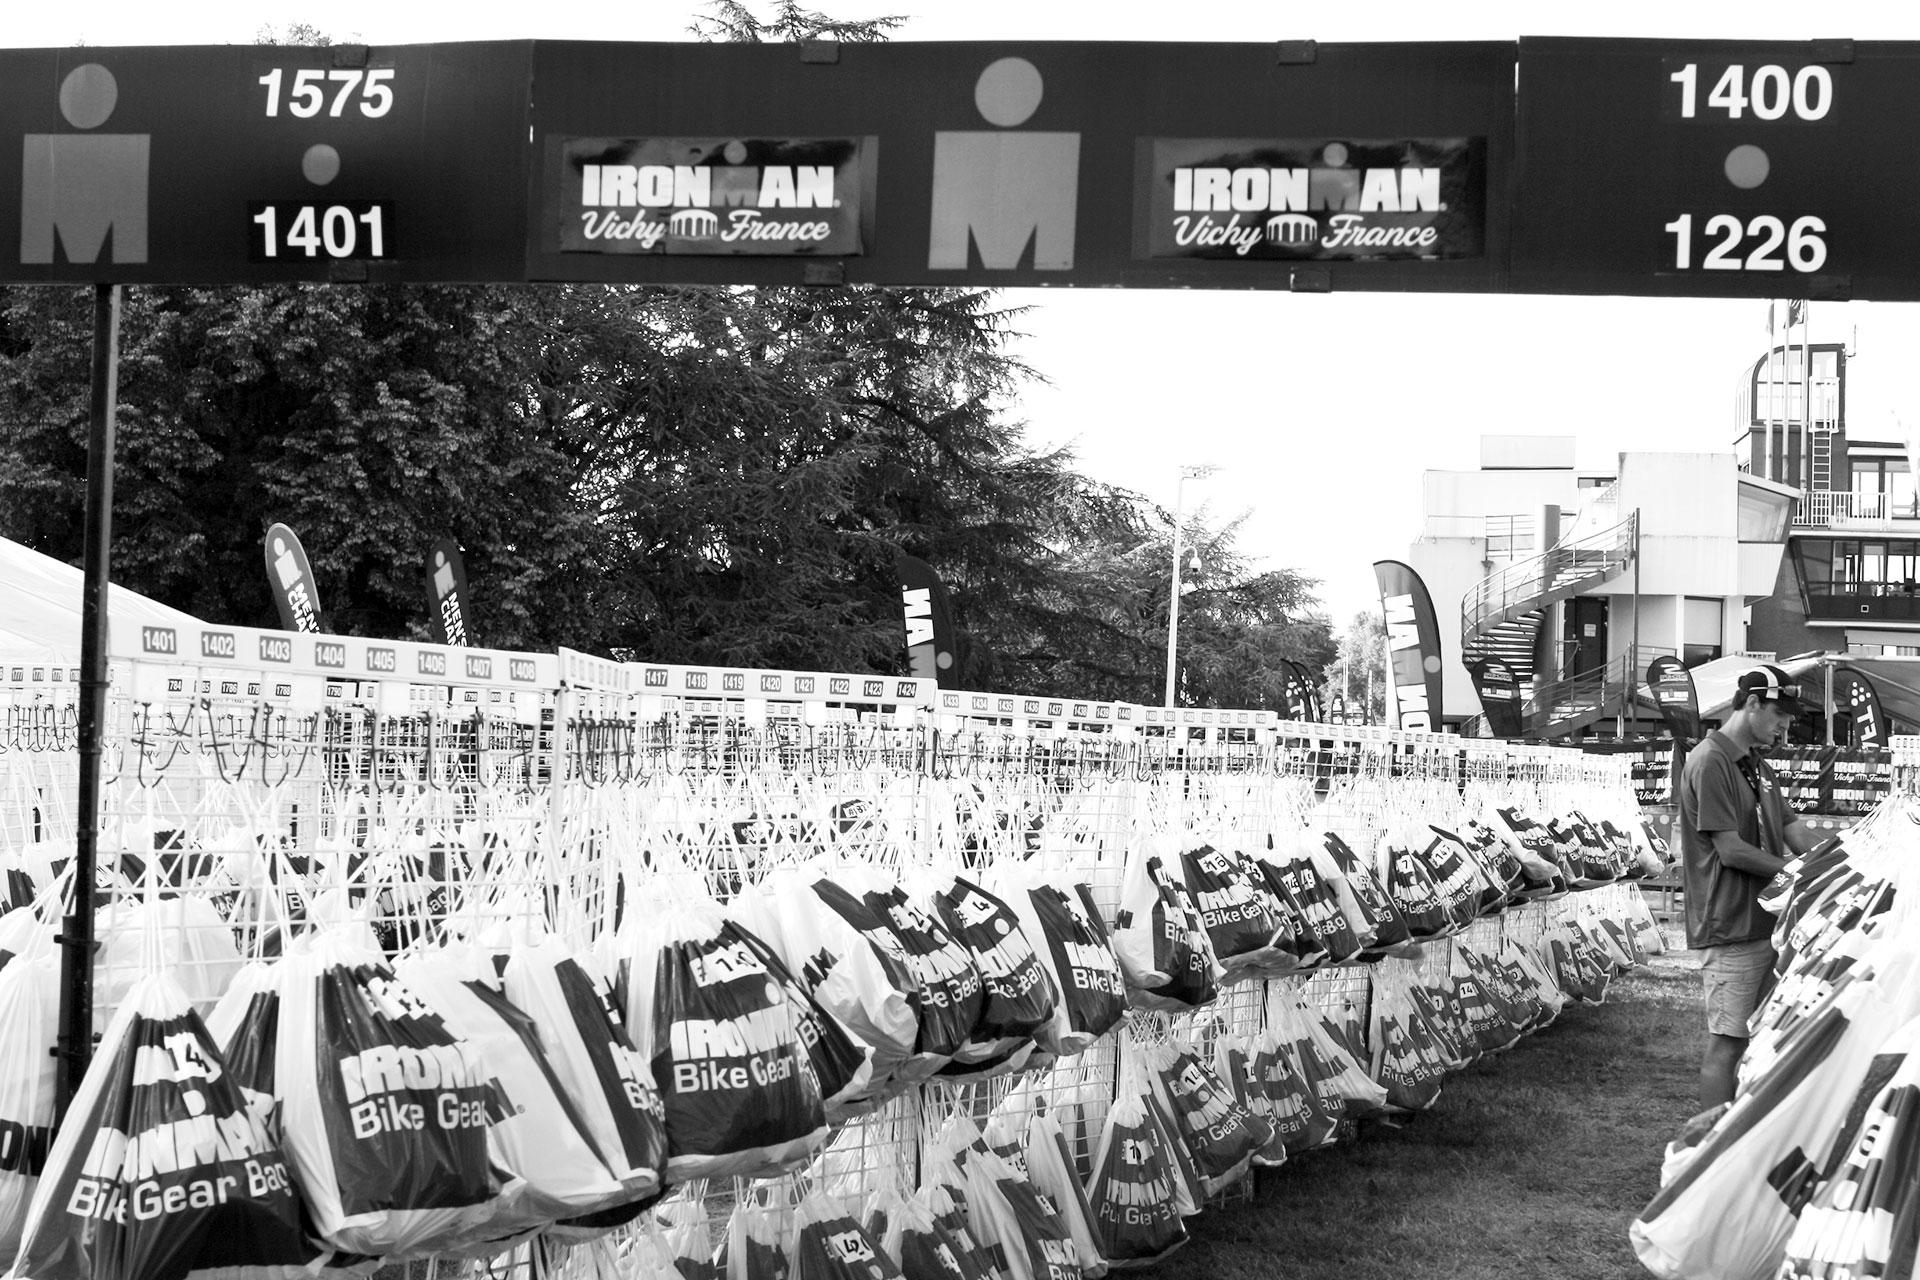 IRONMAN VICHY 2016 The Story: Echter Erfolg mit virtuellen Nebenwirkungen / Zwei Mal 2000 Wechselbeutel für's Bike Gear und Run Gear, dazwischen hängen meine mit Startnummer 1446 ©stefandrexl.de